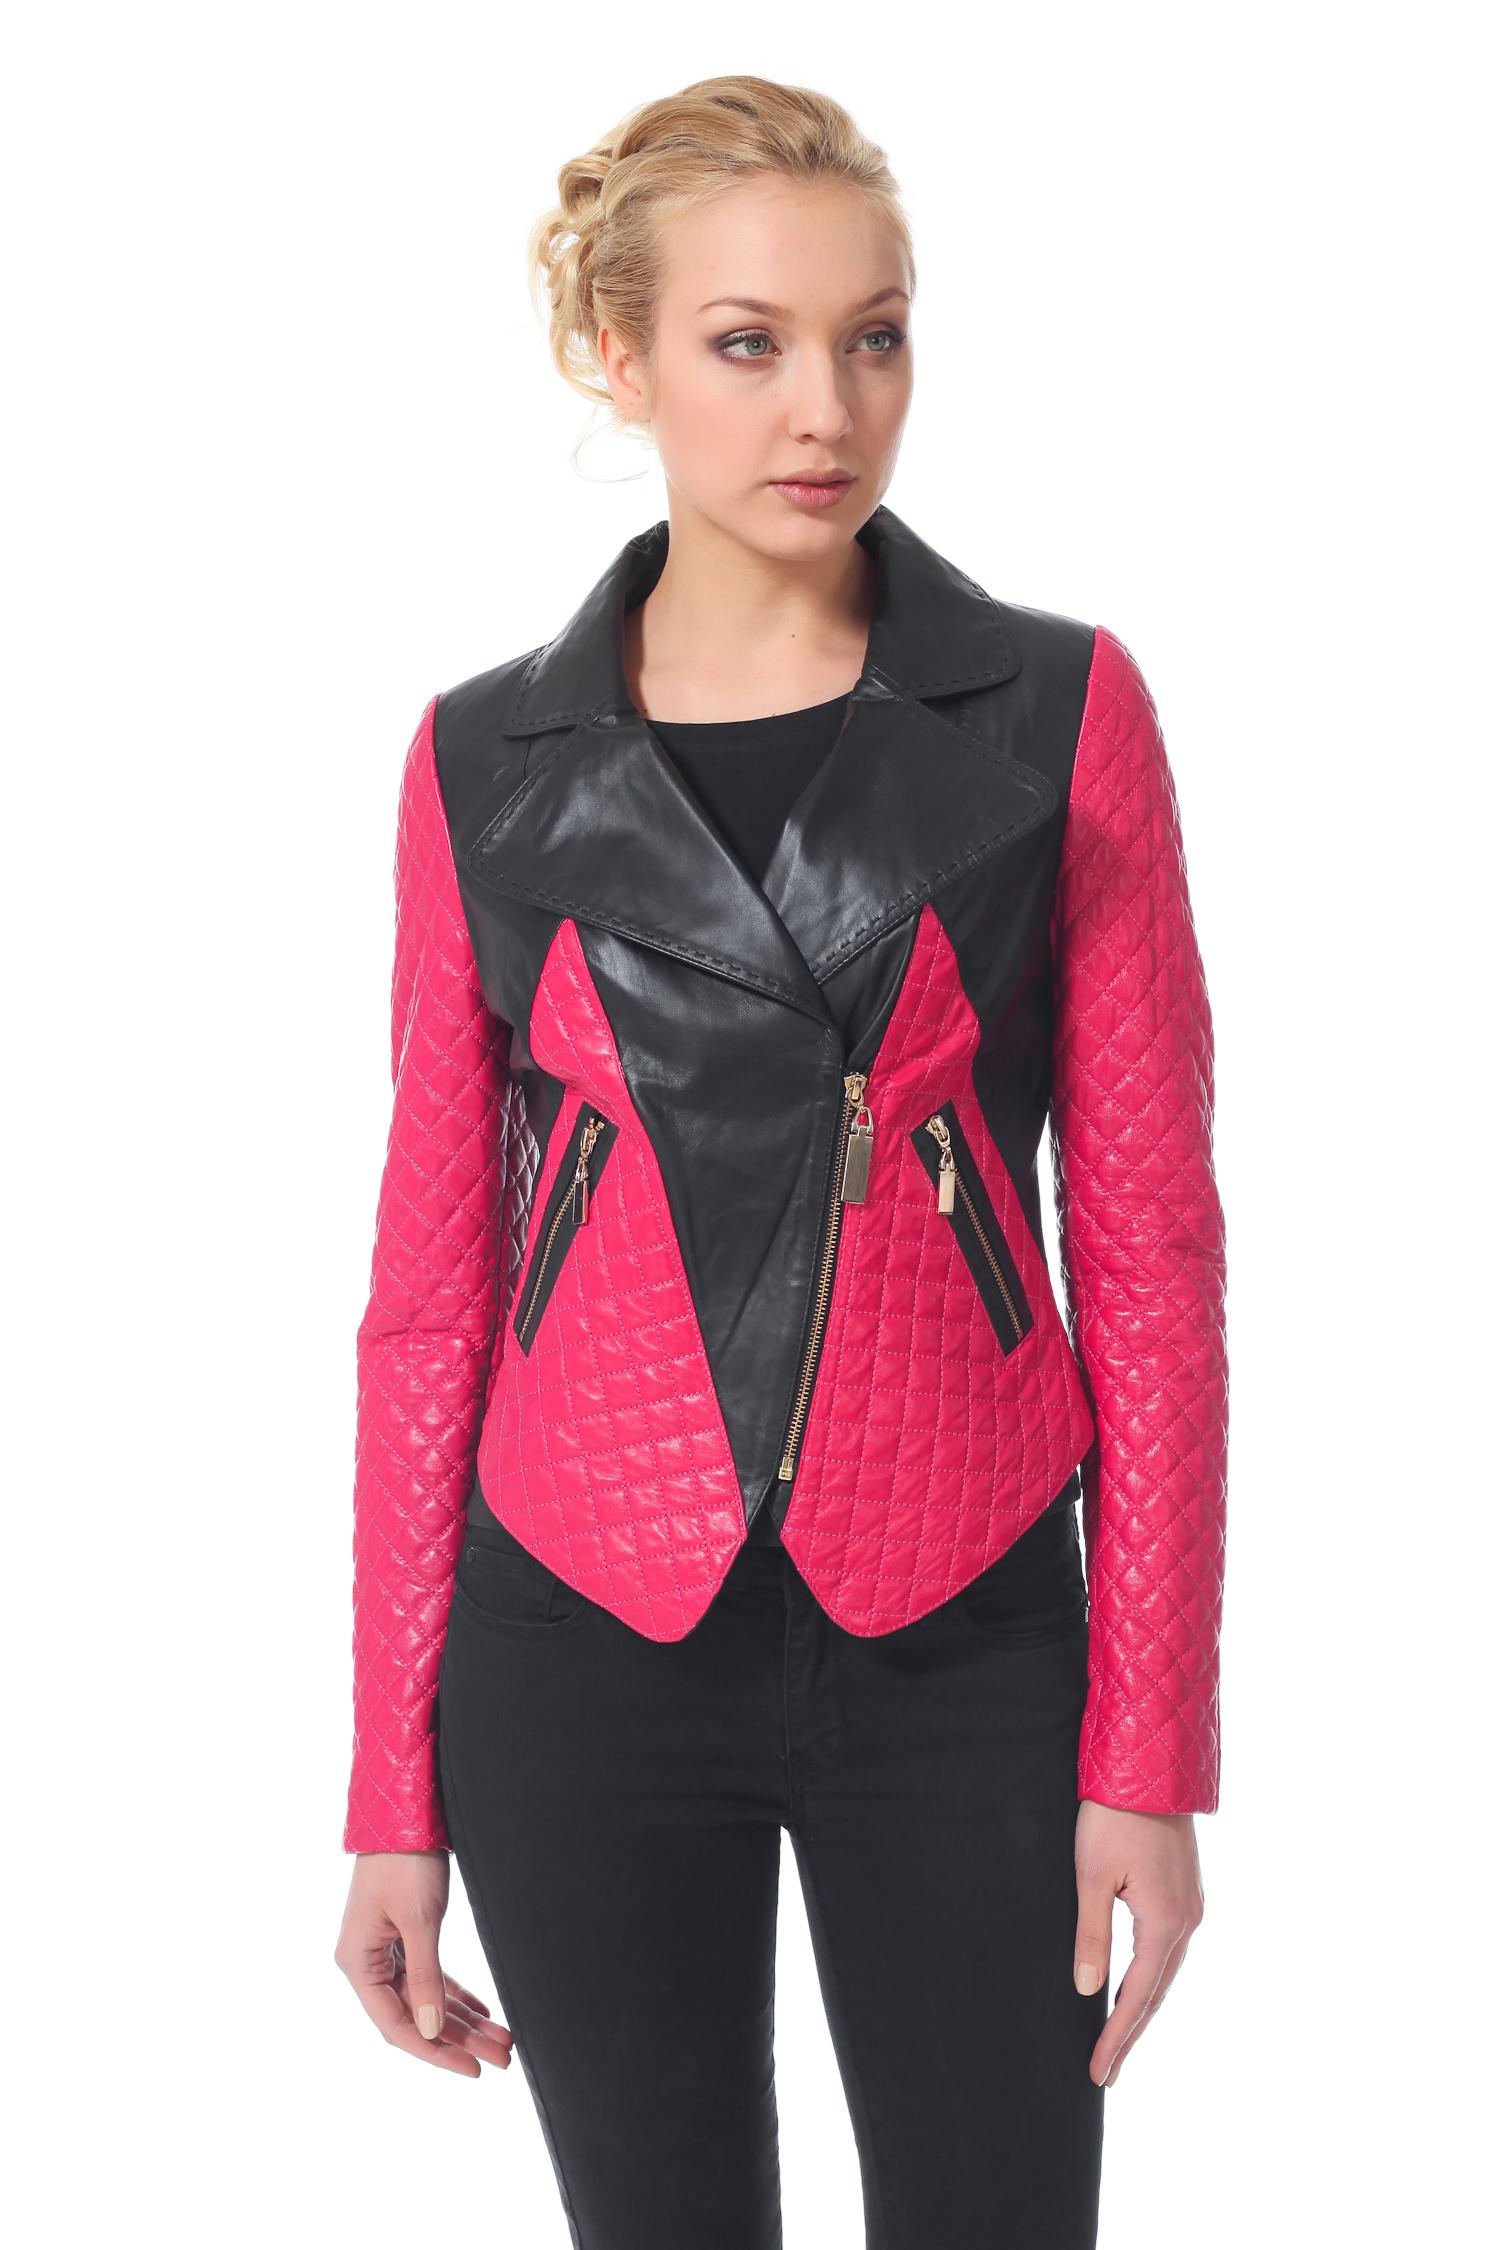 Женская кожаная куртка из натуральной кожи с воротником, без отделки<br><br>Воротник: Английский<br>Длина см: 50<br>Материал: Натуральная кожа<br>Цвет: Черный/розовый<br>Пол: Женский